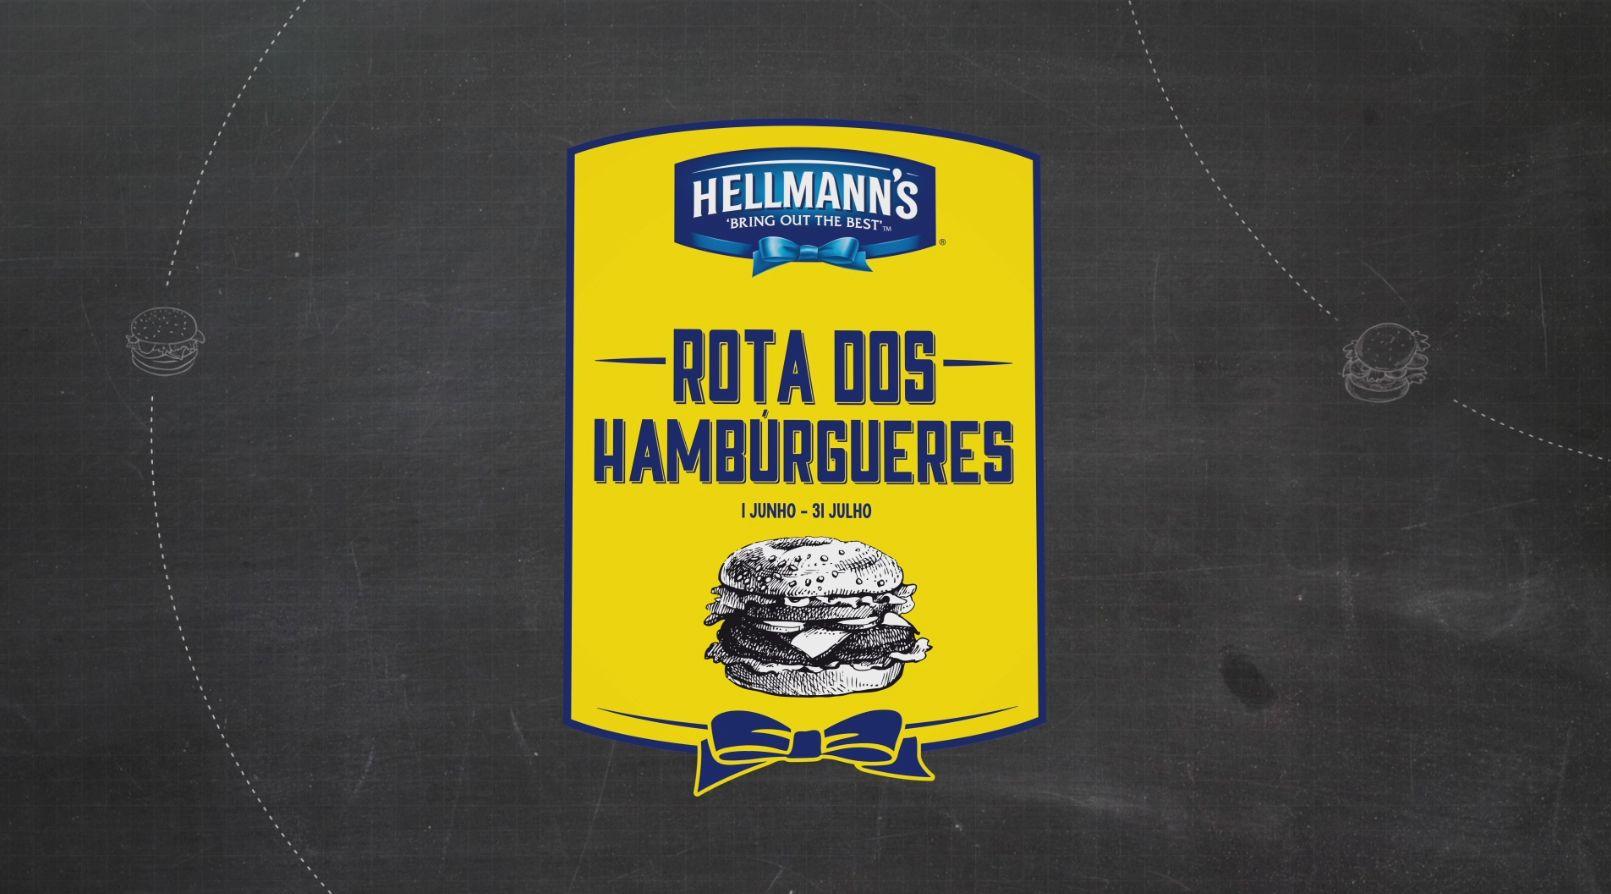 Spot Publicitário para a Unilever que promove a Rota dos Hambúrgueres Hellmann's que reúne 52 hamburguerias gourmet das cidades de Lisboa e Porto